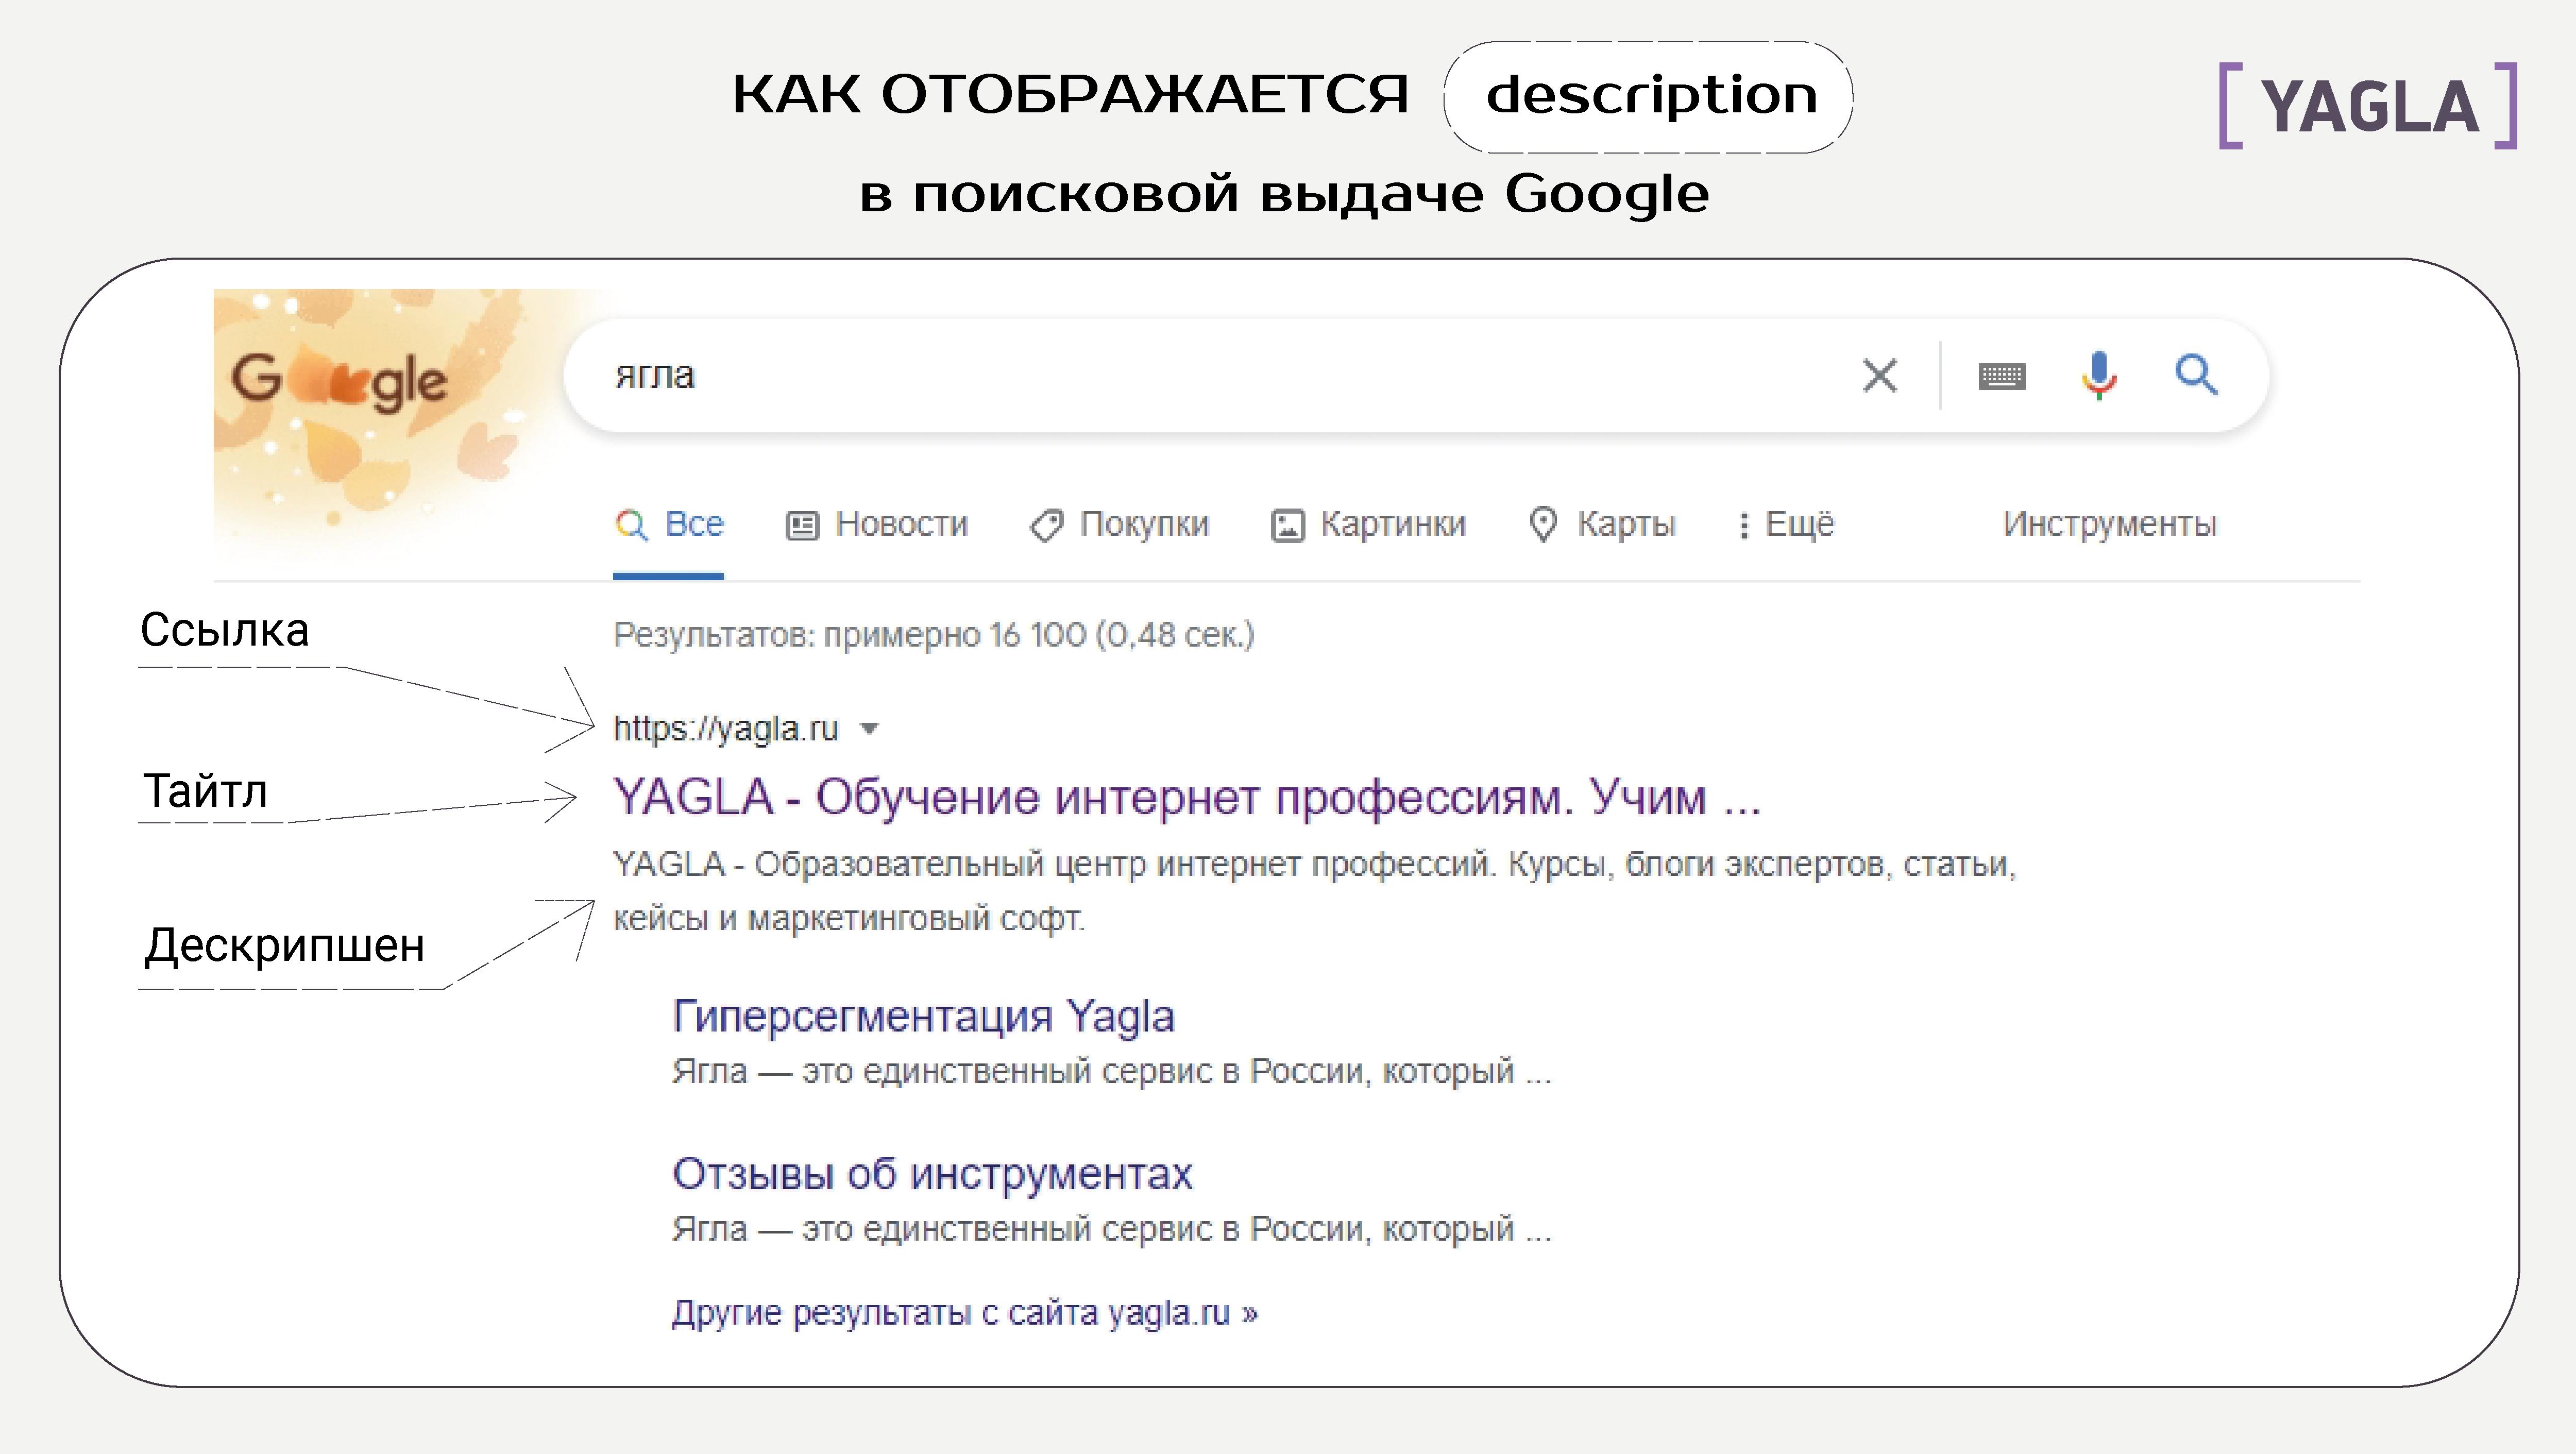 Как отображается description в поисковой выдаче Google